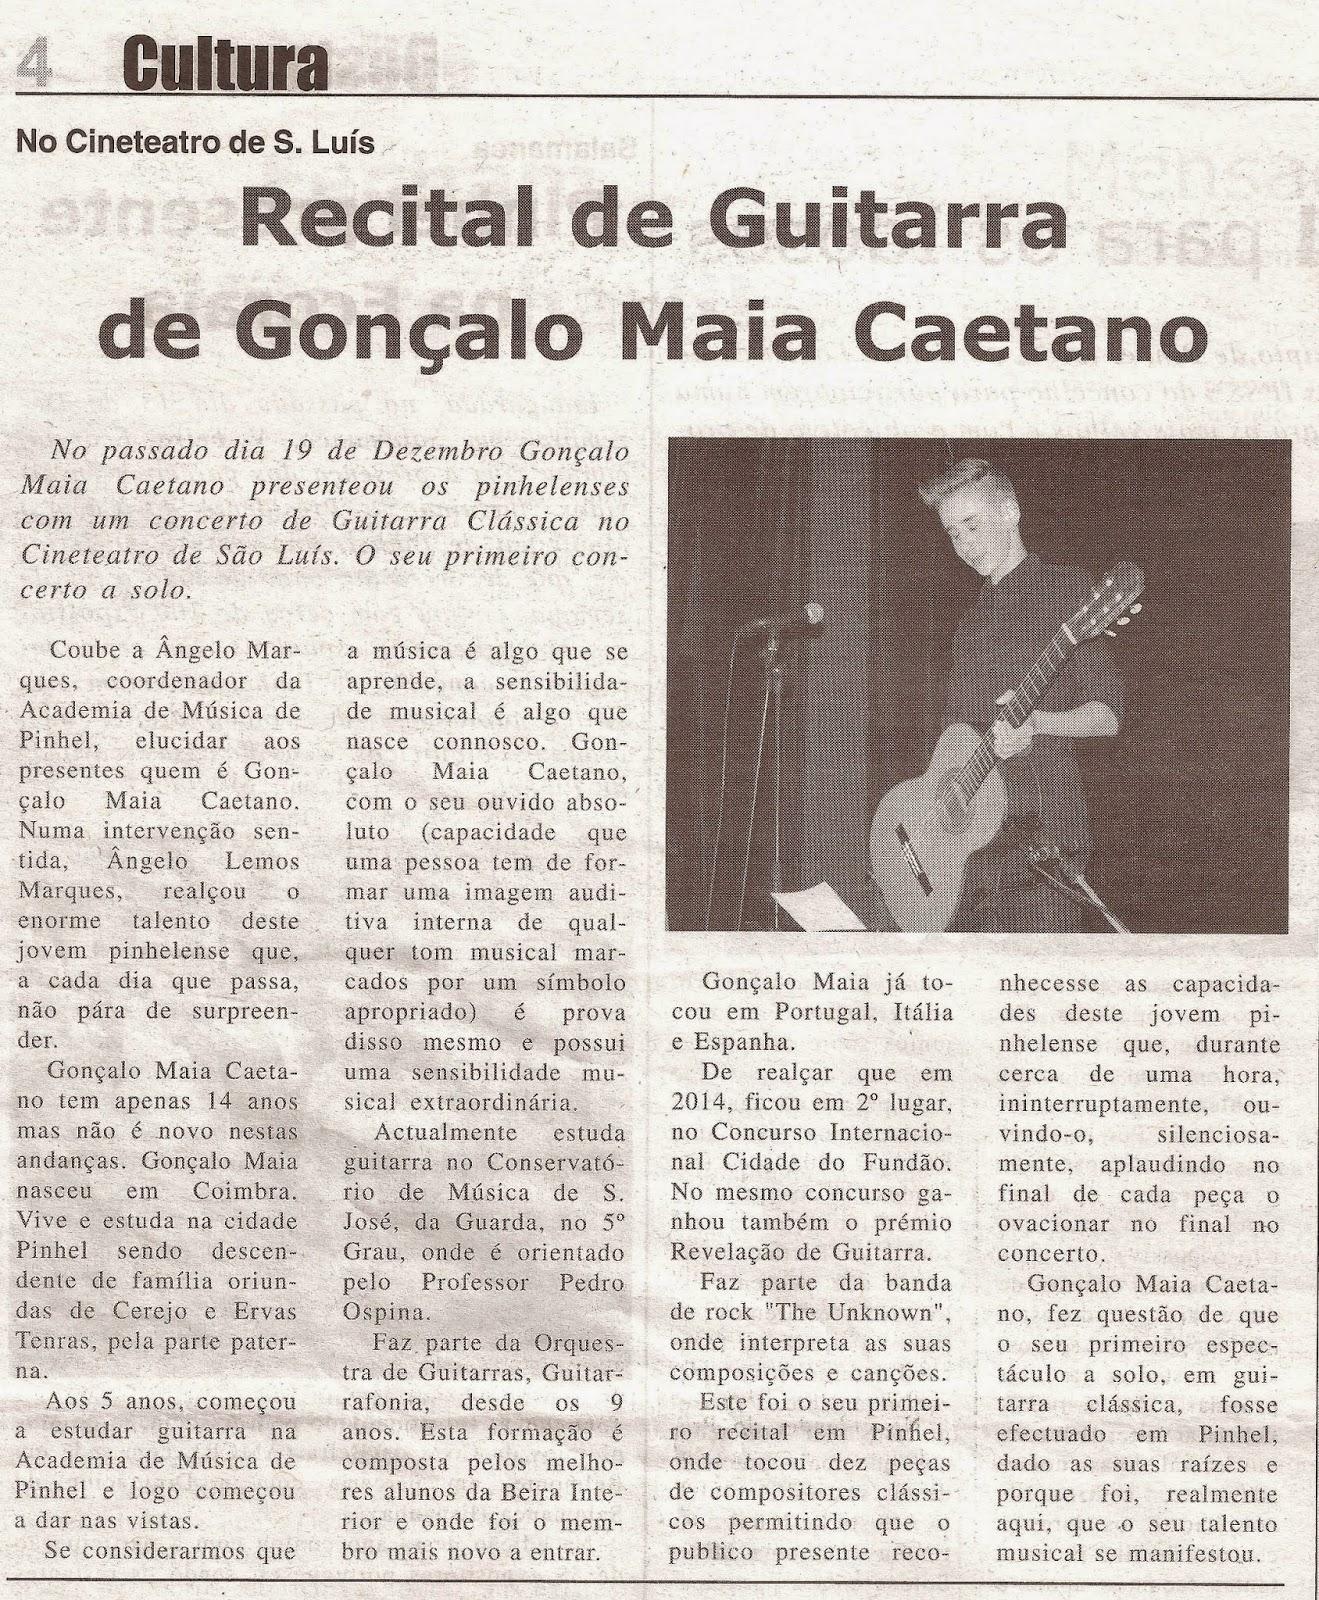 Gonçalo Maia Caetano, Música, Recital Guitarra